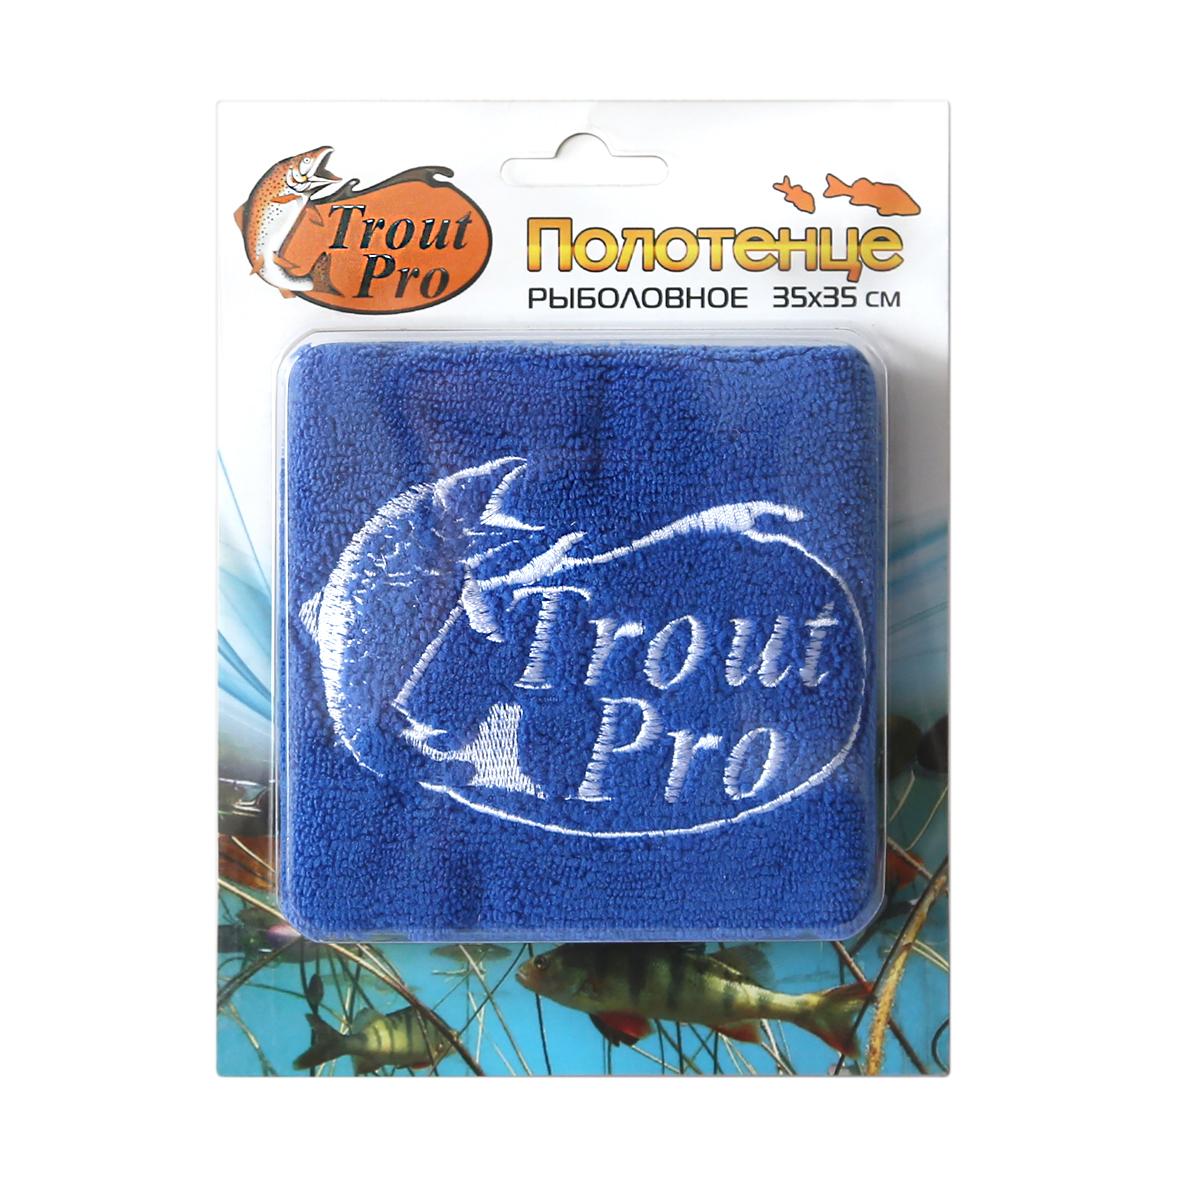 Полотенце Trout Pro рыболовное, цвет: синий, 35 х 35 см37973Рыболовное полотенце было создано специально для использования во время рыбалки, походов и путешествий. В конструкции имеется специальный люверс и карабин, который позволяет закрепить полотенце на одежде или туристическом снаряжении для быстрого доступа к нему. Изготовлено из микрофибры, что придало ему впитываемость в 7 раз больше, чем впитываемость обычного полотенца. Оно быстро сохнет и легко стирается. Полотенце занимает мало места в сложенном виде, поэтому необходимо будет выдлить минимум места в вашем рюкзаке. Стирать полотенце рекомендуется вручную слабым моющим средством в теплой воде.